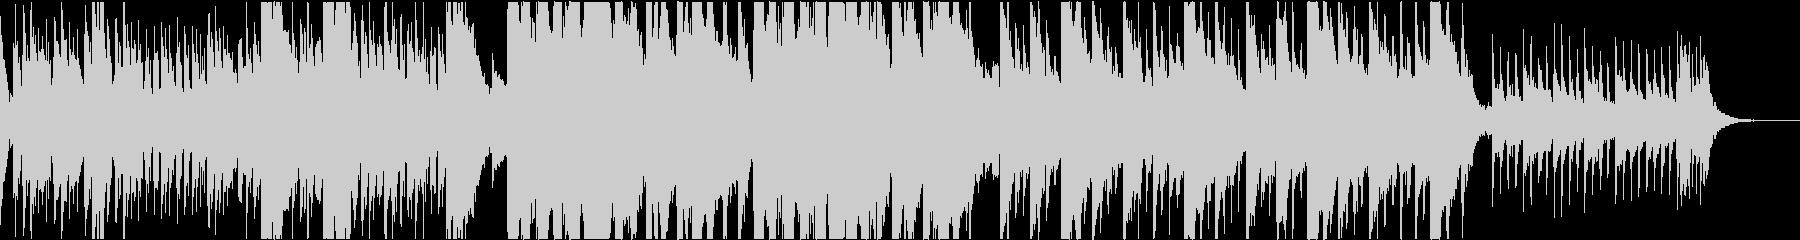 オリエンタルな響きのカバー曲です。の未再生の波形